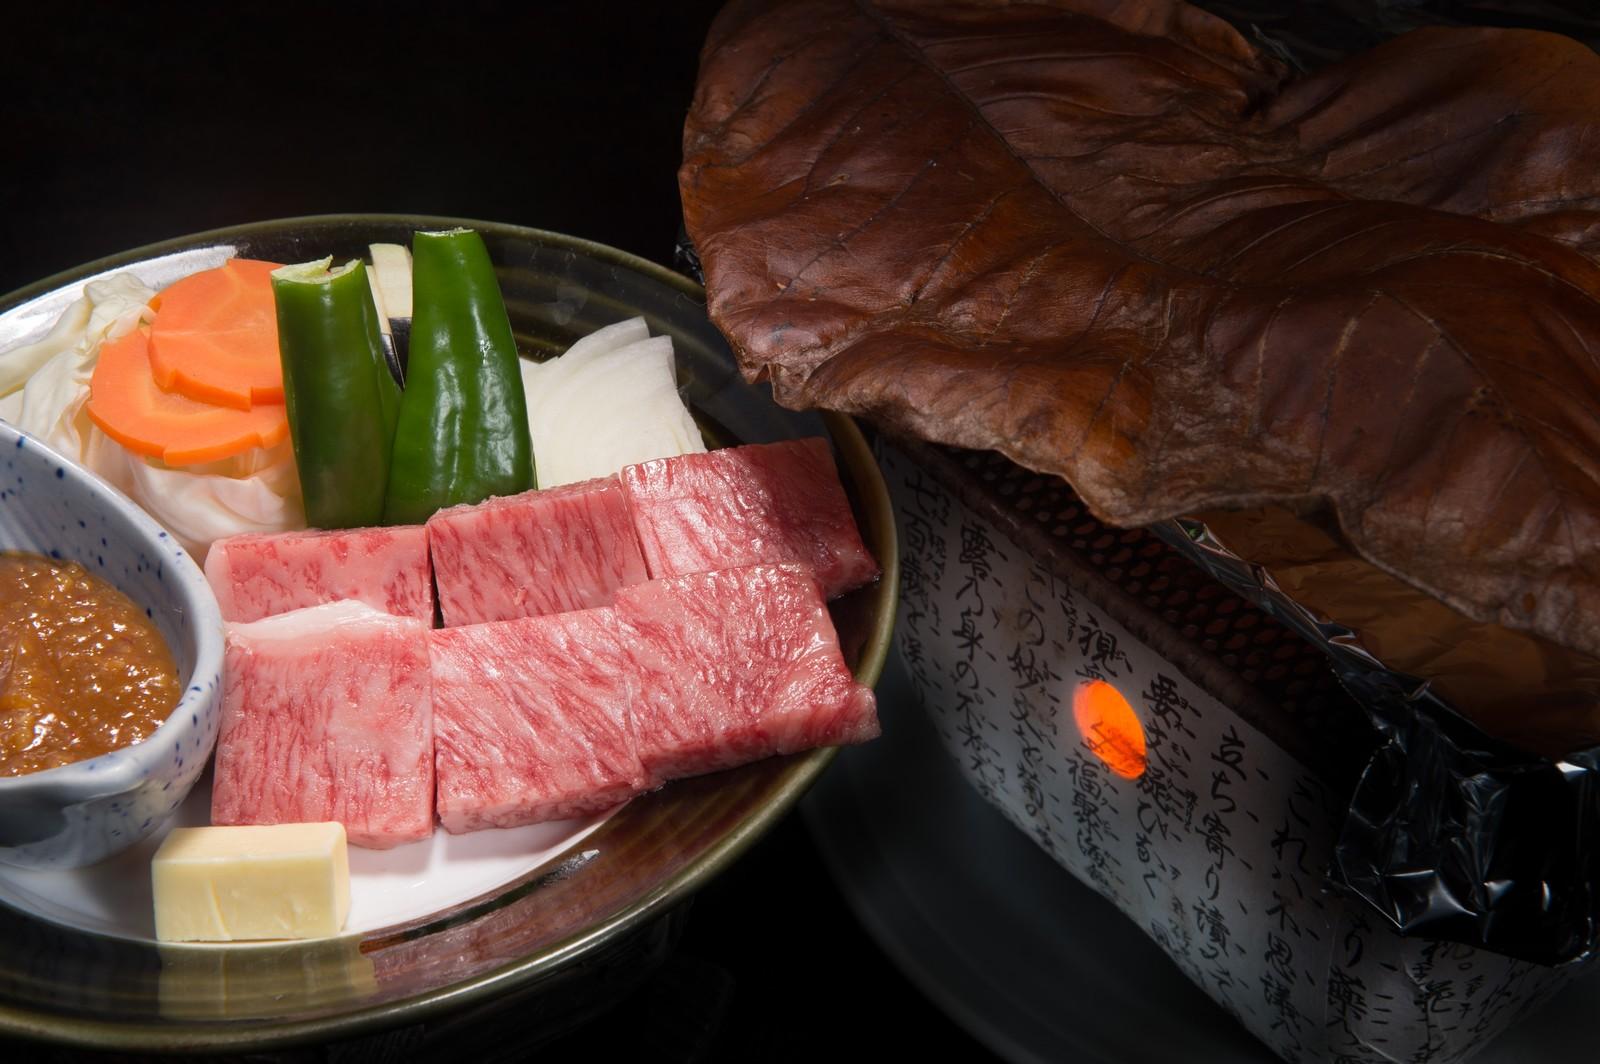 浜松の焼肉屋人気まとめ!食べ放題・安い・美味しいお店を厳選!